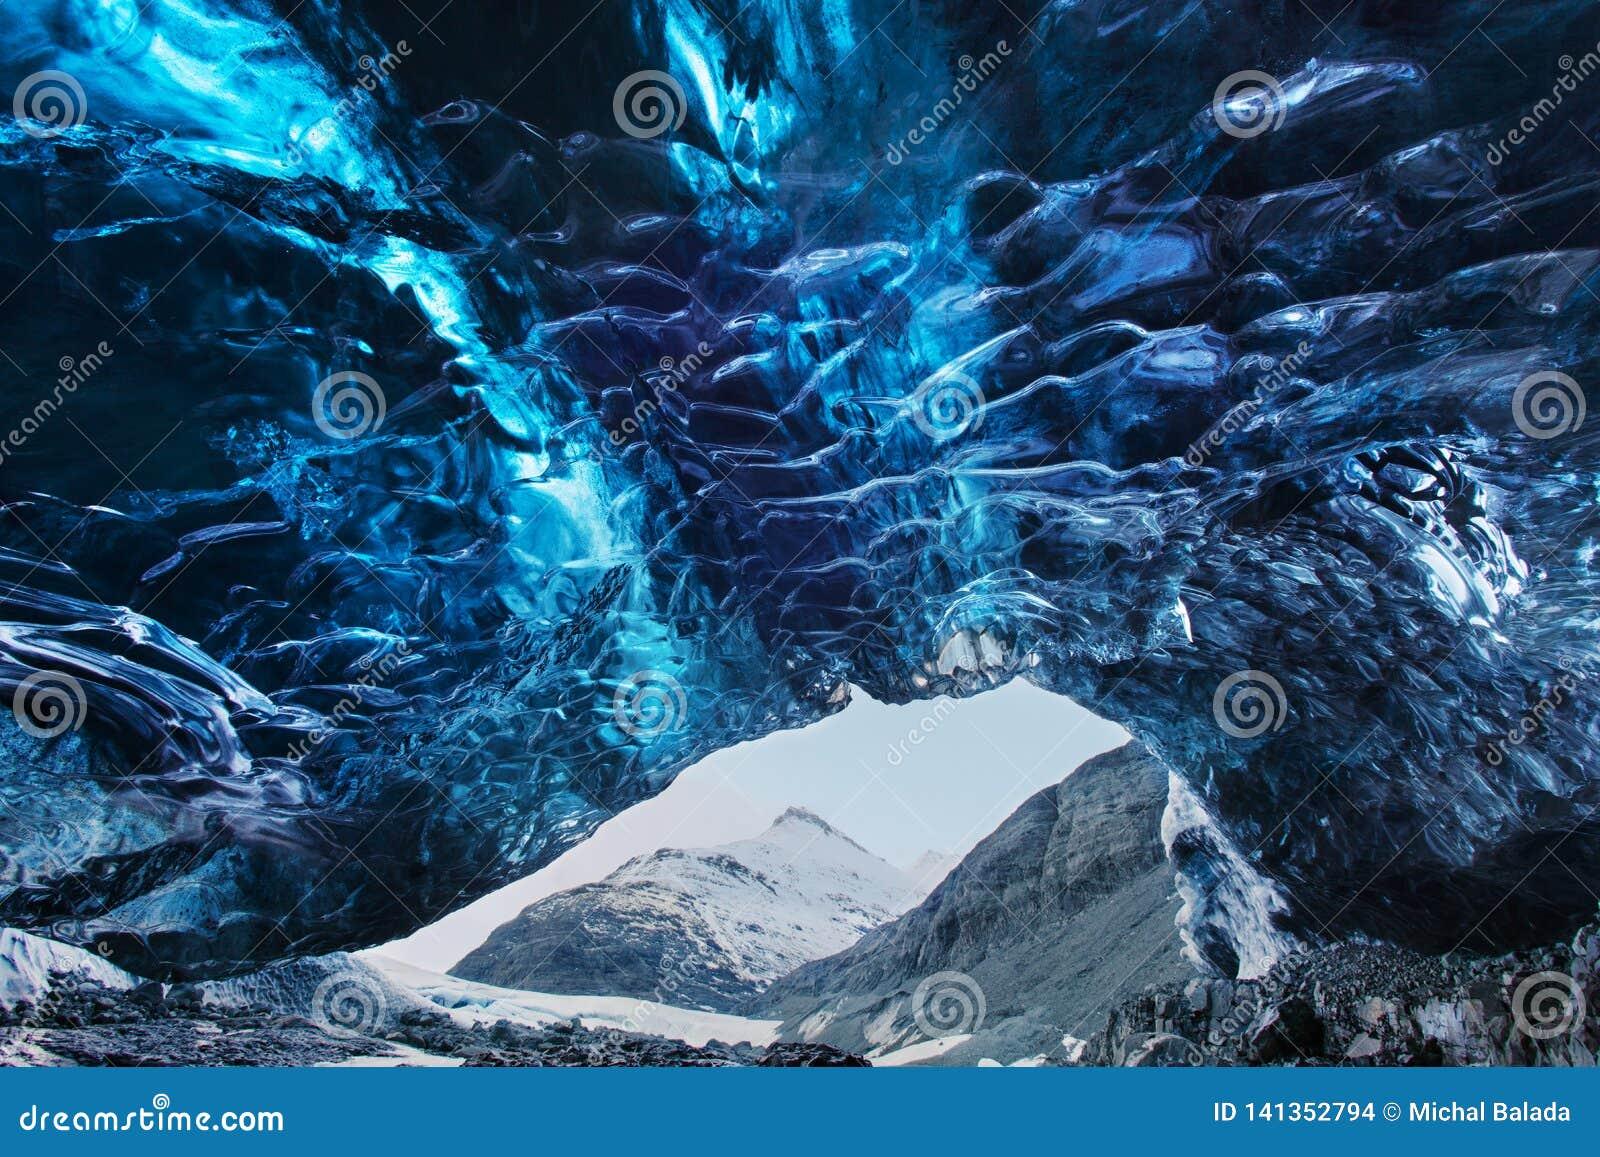 Caverna de gelo de surpresa Caverna de gelo de cristal azul e um rio subterrâneo abaixo da geleira Natureza de surpresa de Skafta